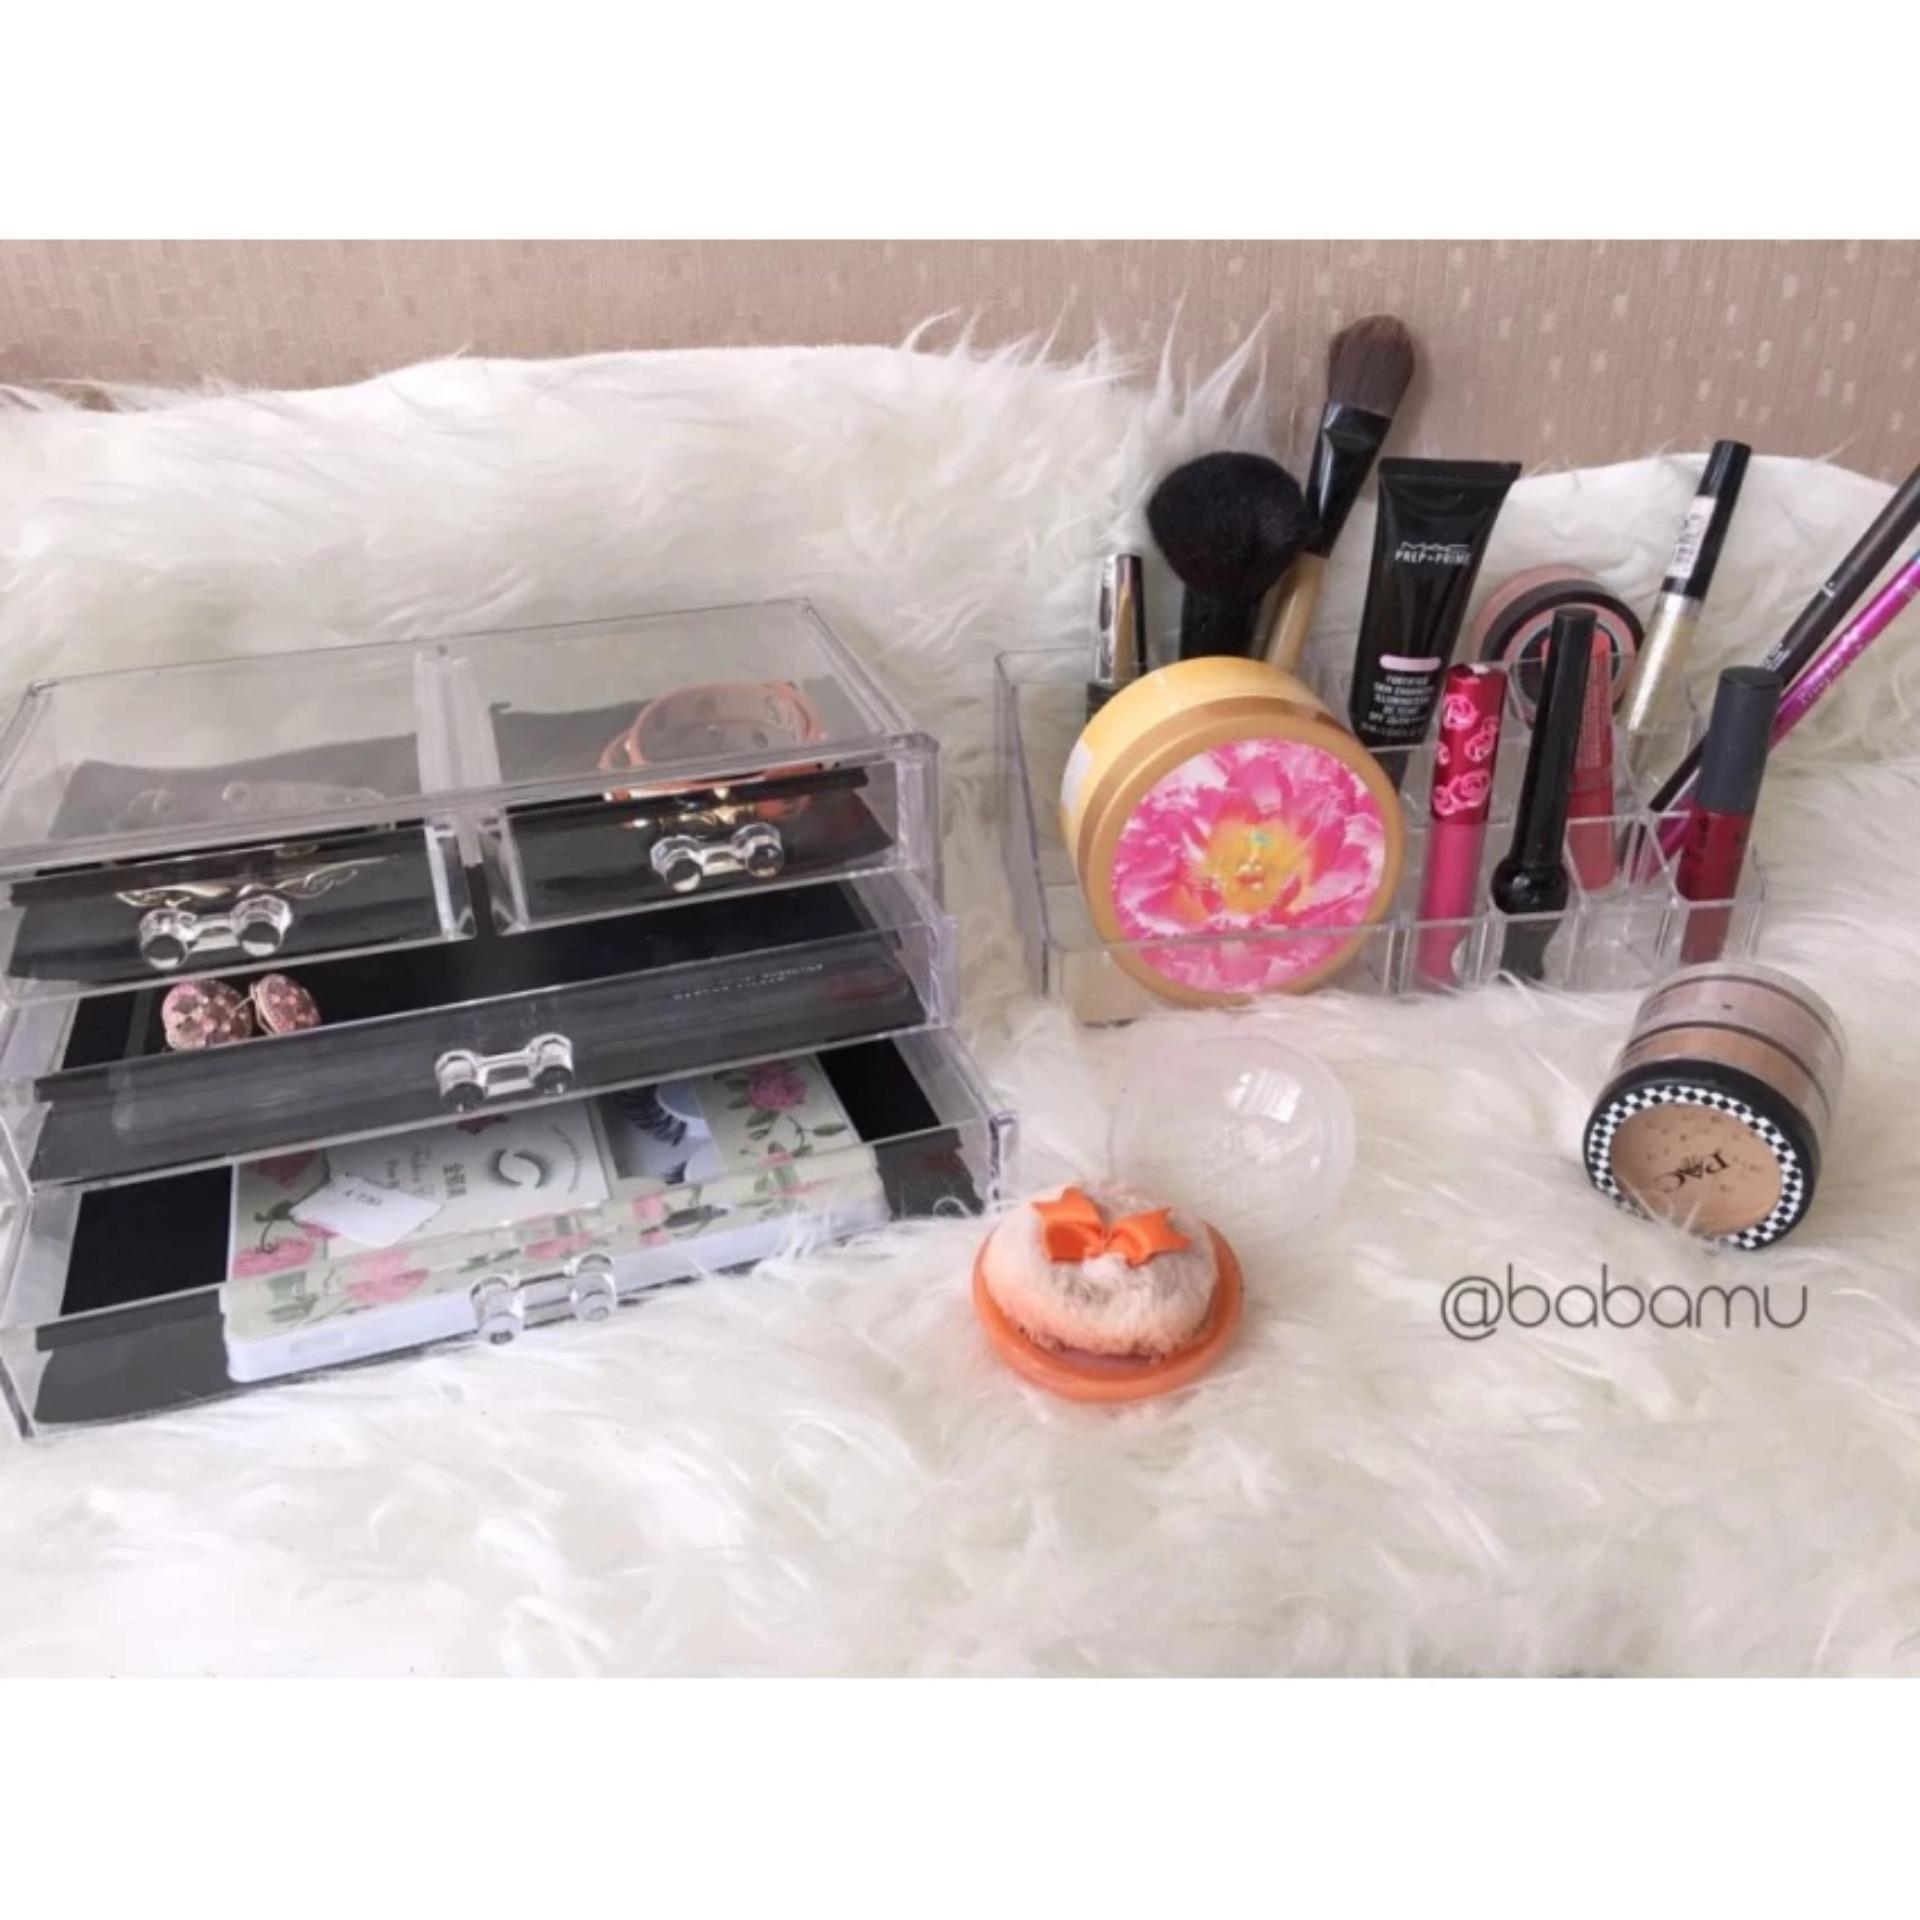 Babamu Storage Box Cosmetic Daftar Harga Terbaru dan Terlengkap Source · Cosmetic Organizer Drawers With Mirror Tempat Kosmetik DenganKaca Babam